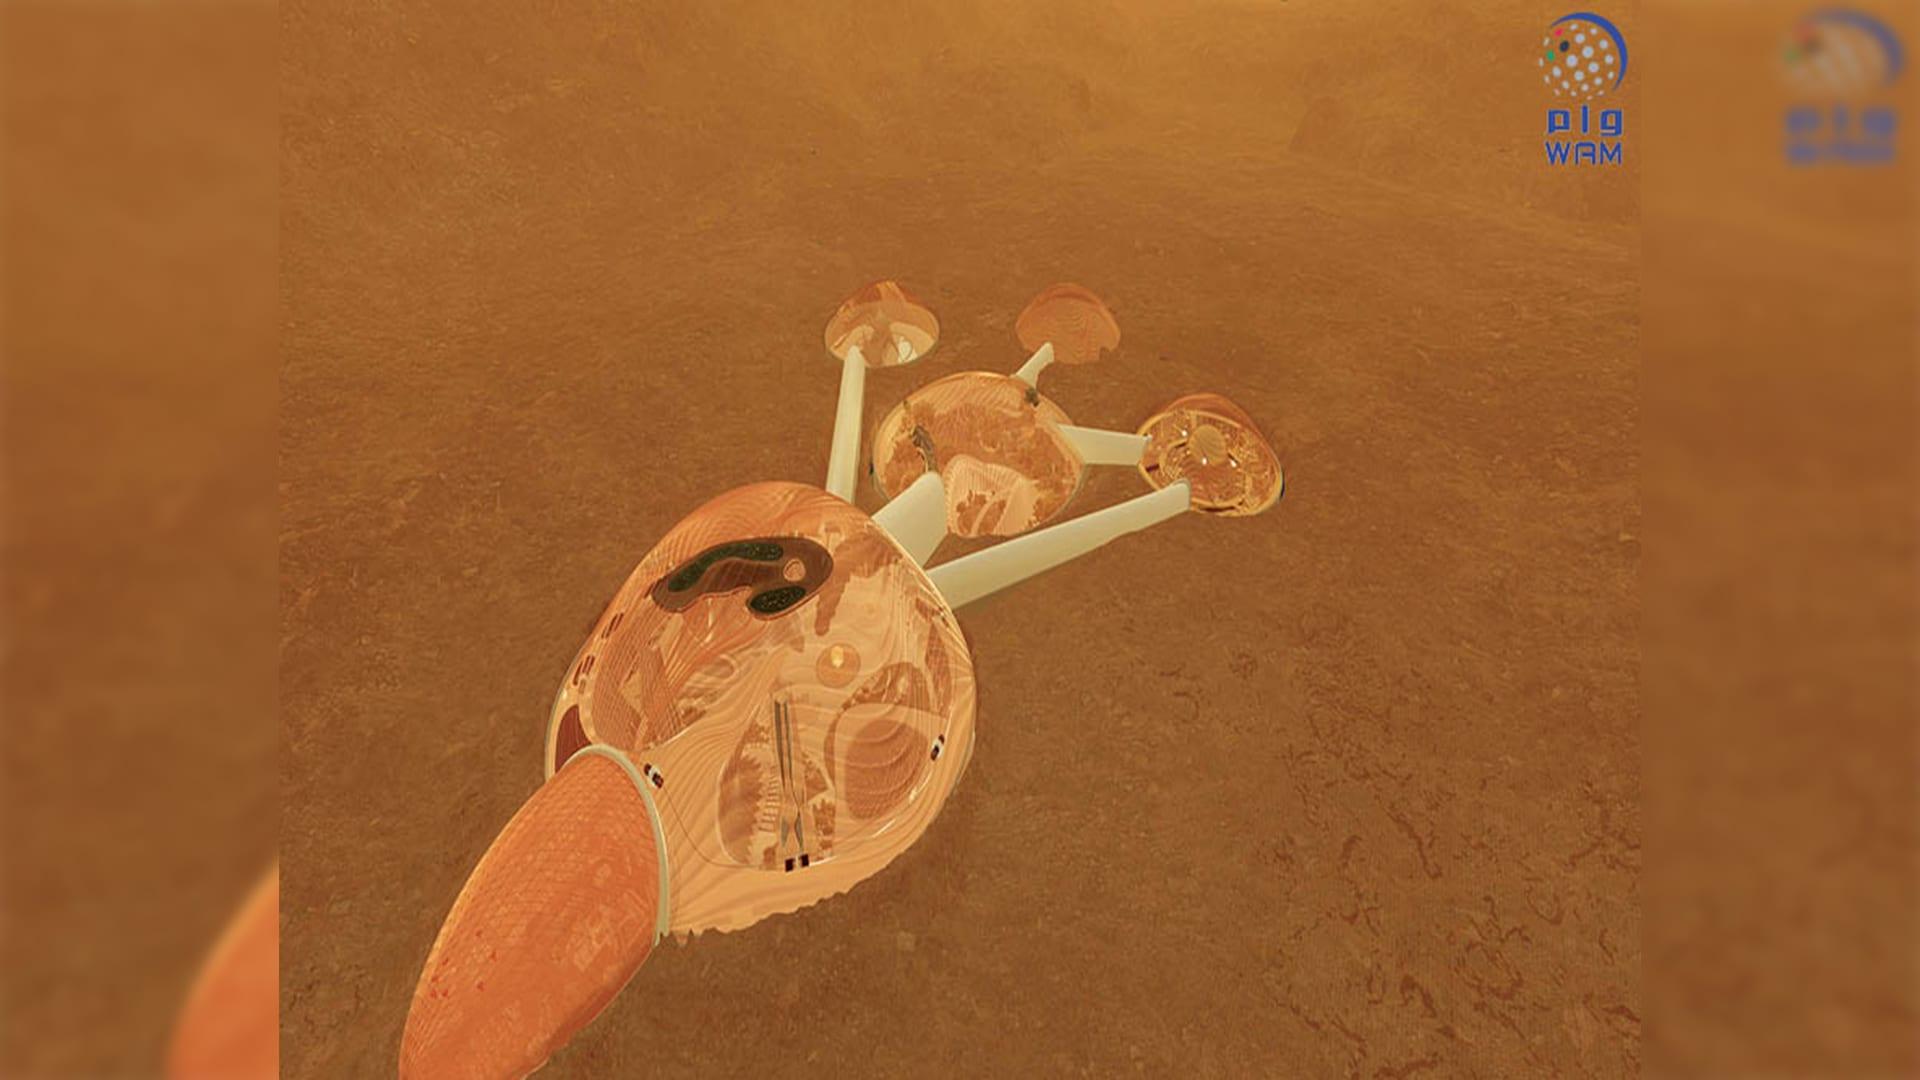 """مشروع""""الإمارات لمحاكاة الفضاء"""" لبناء أول مستوطنة بشرية إماراتية على سطح كوكب المريخ بحلول عام 2117"""